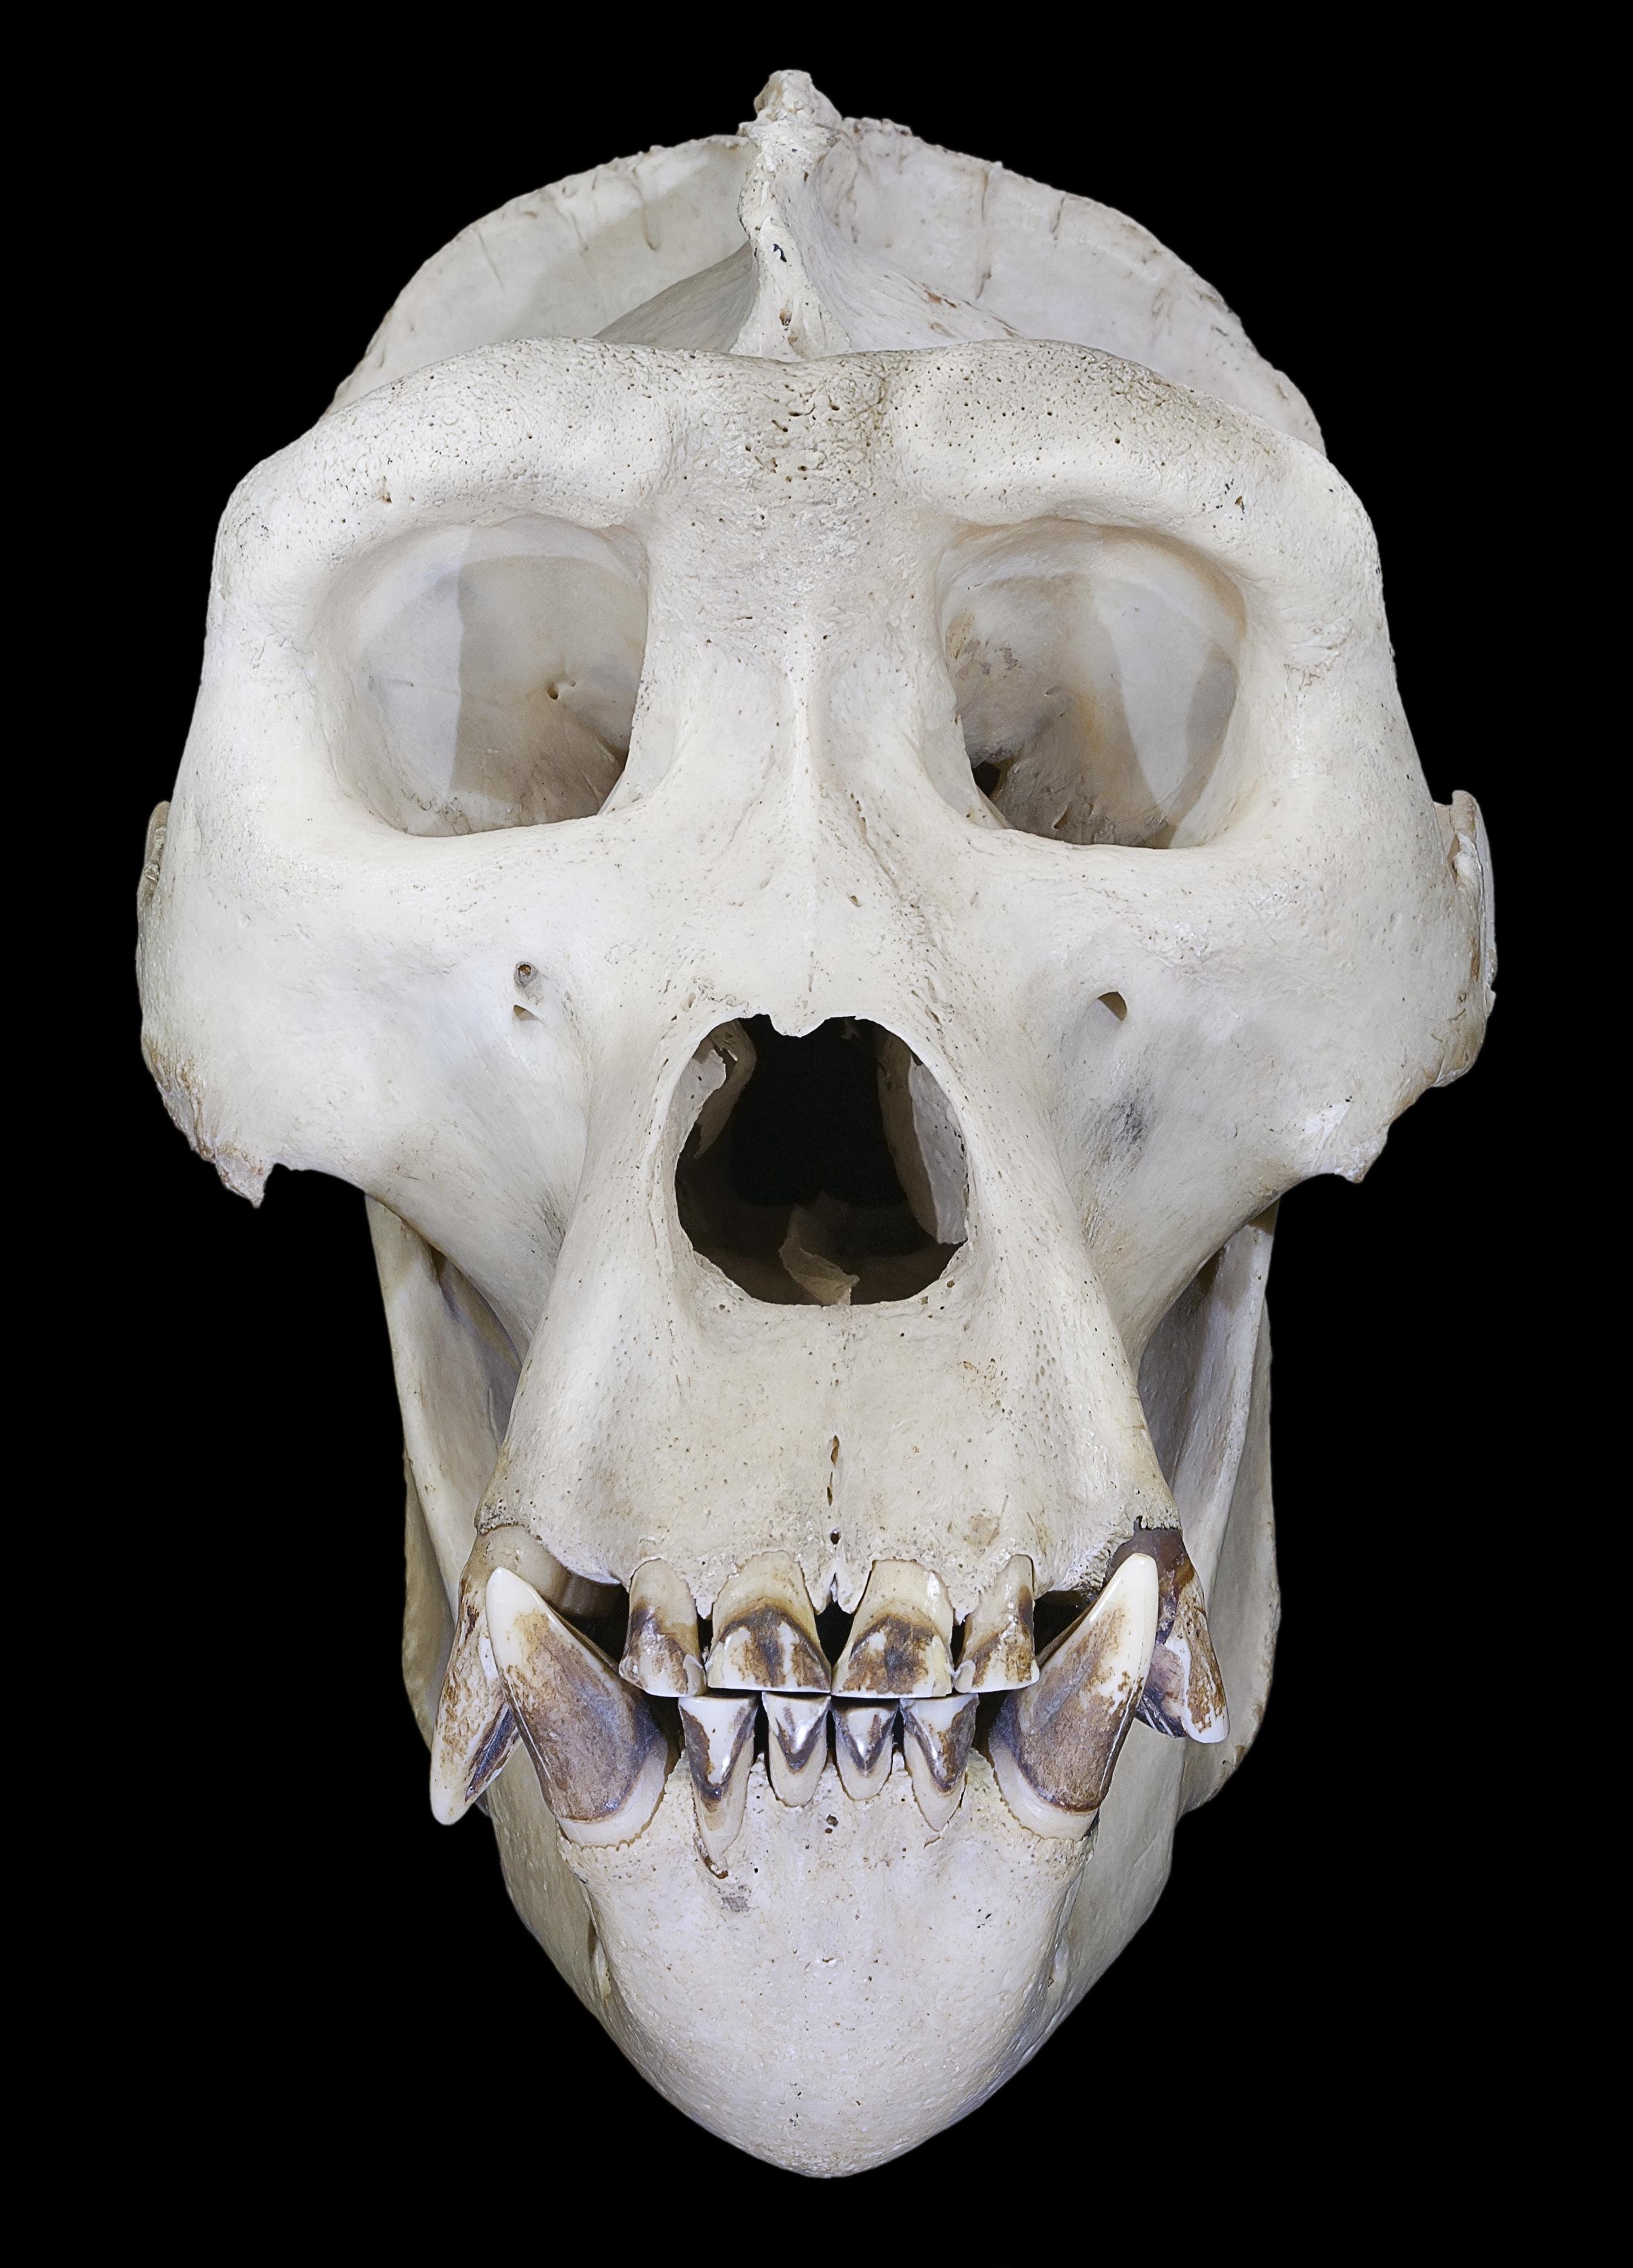 Gorilla Skull Anatomy - rsp